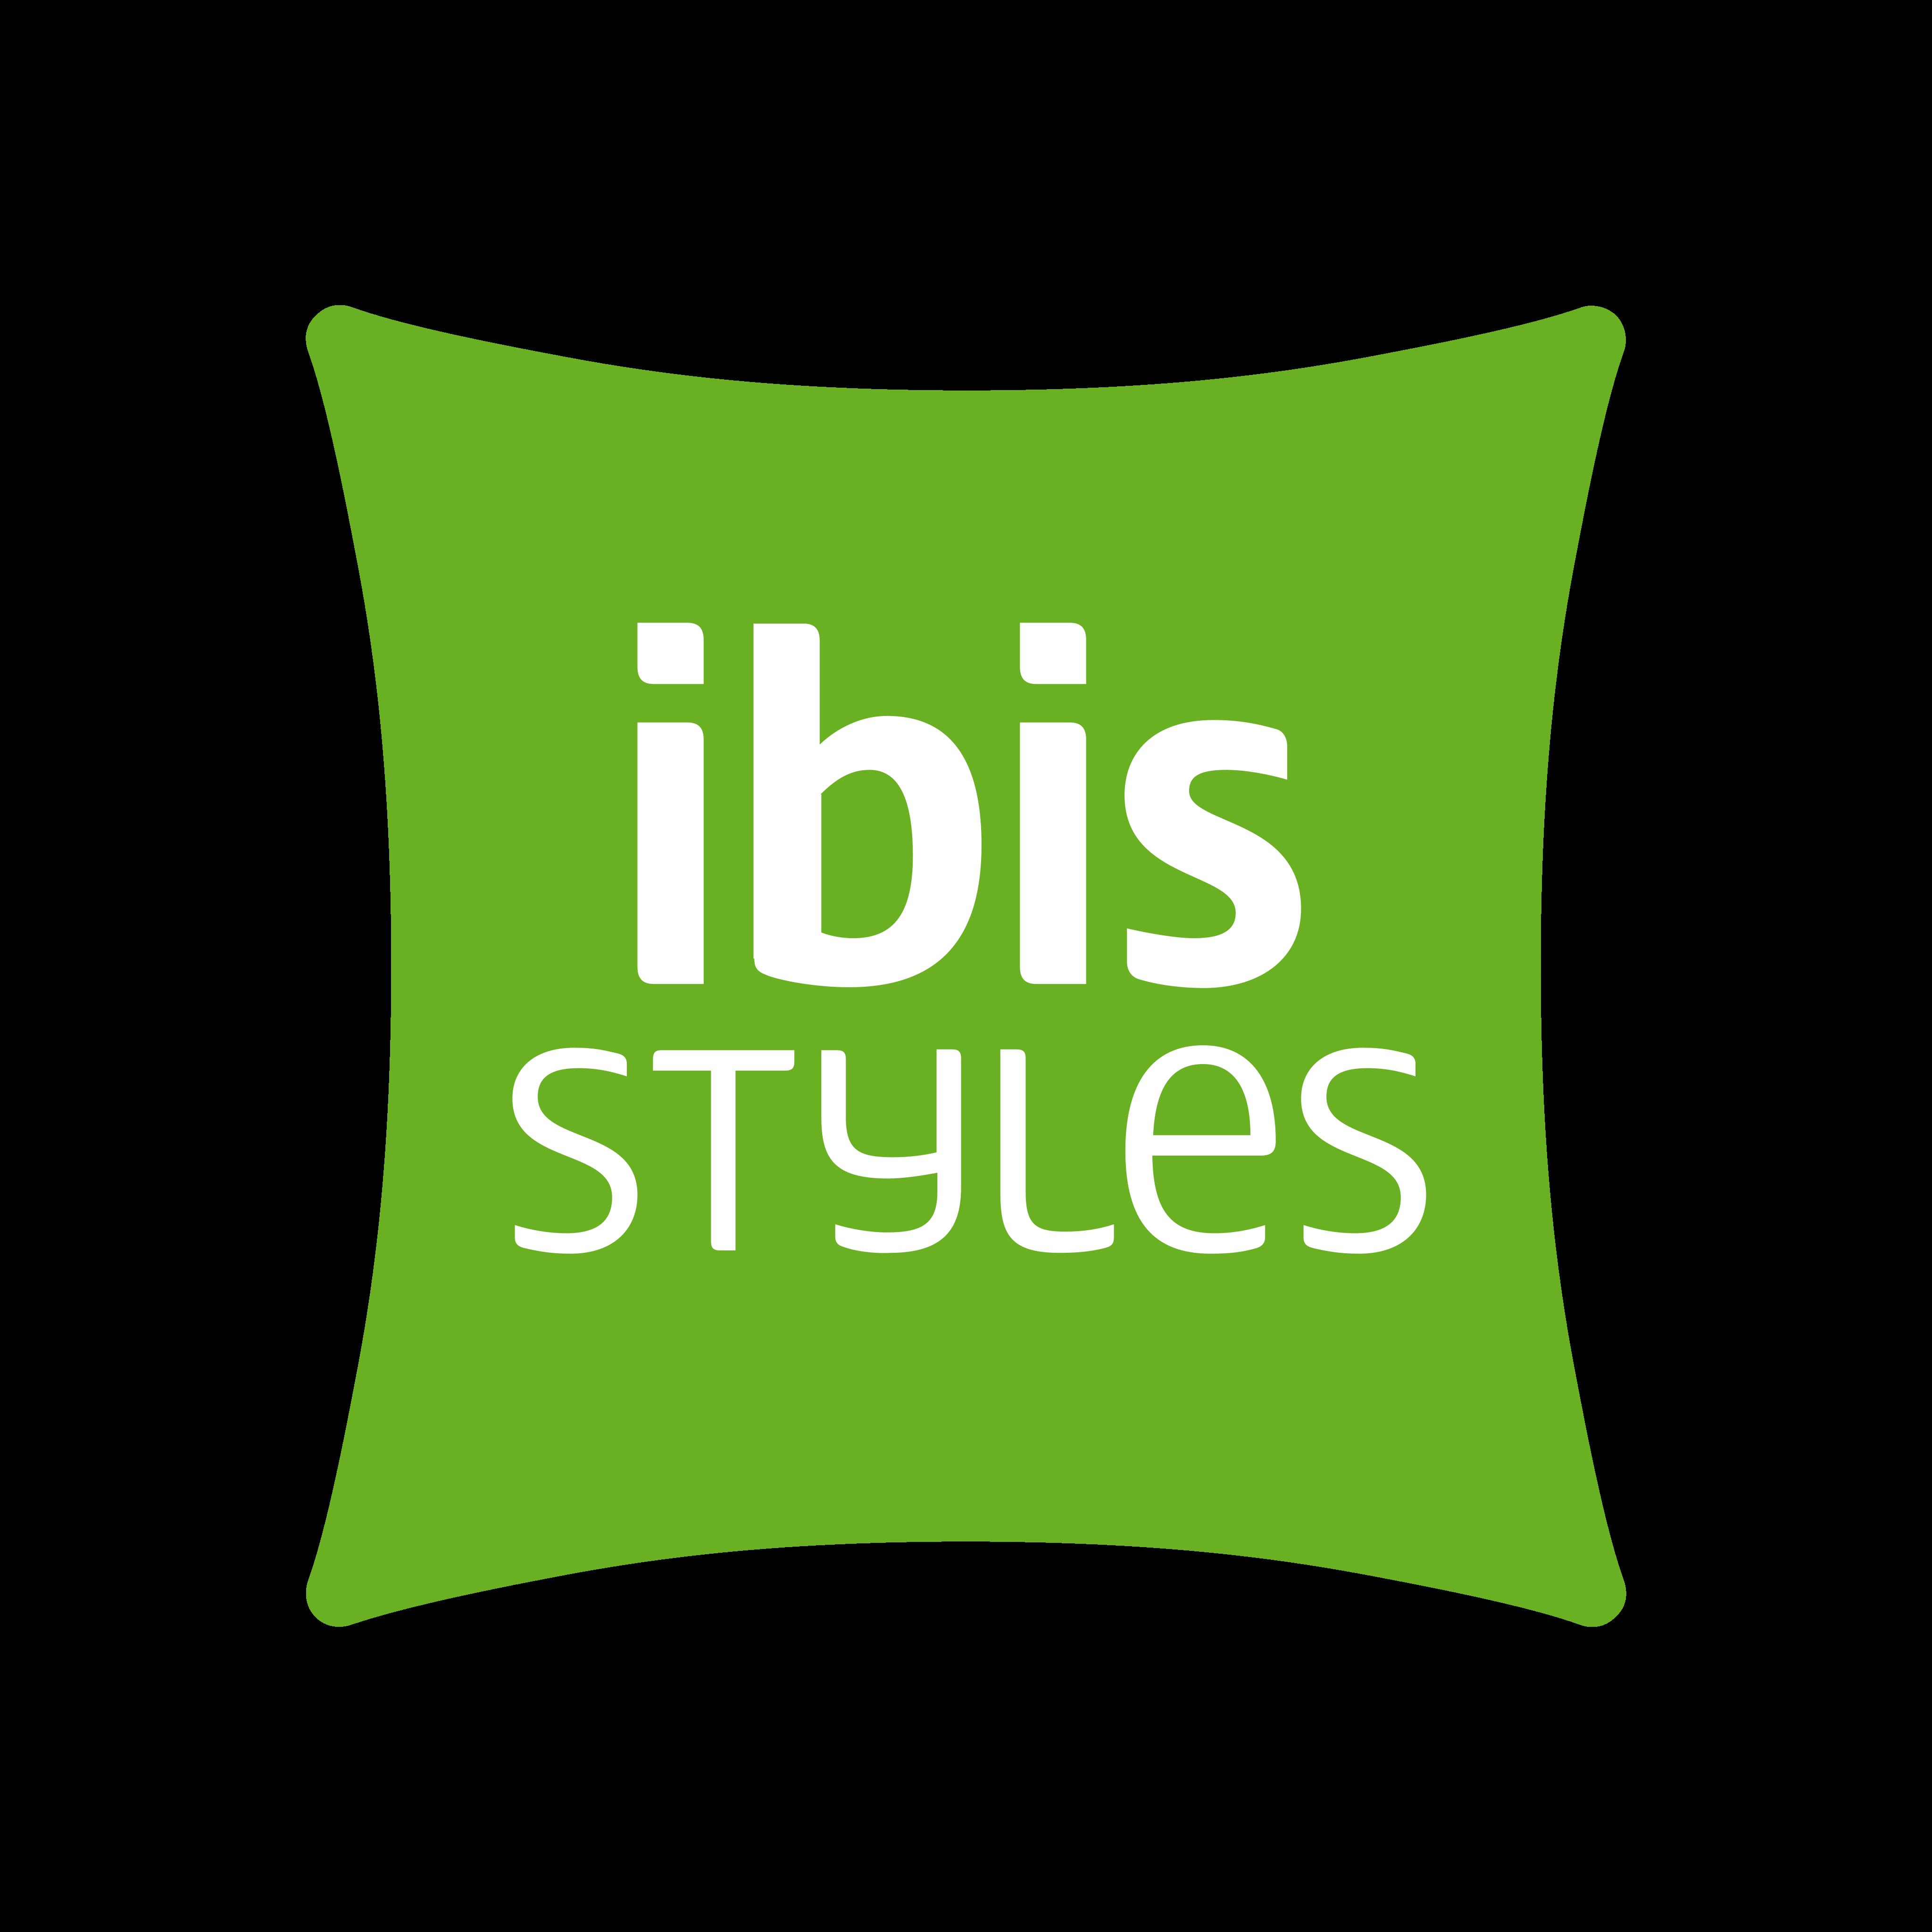 Ibis Styles Logo PNG.